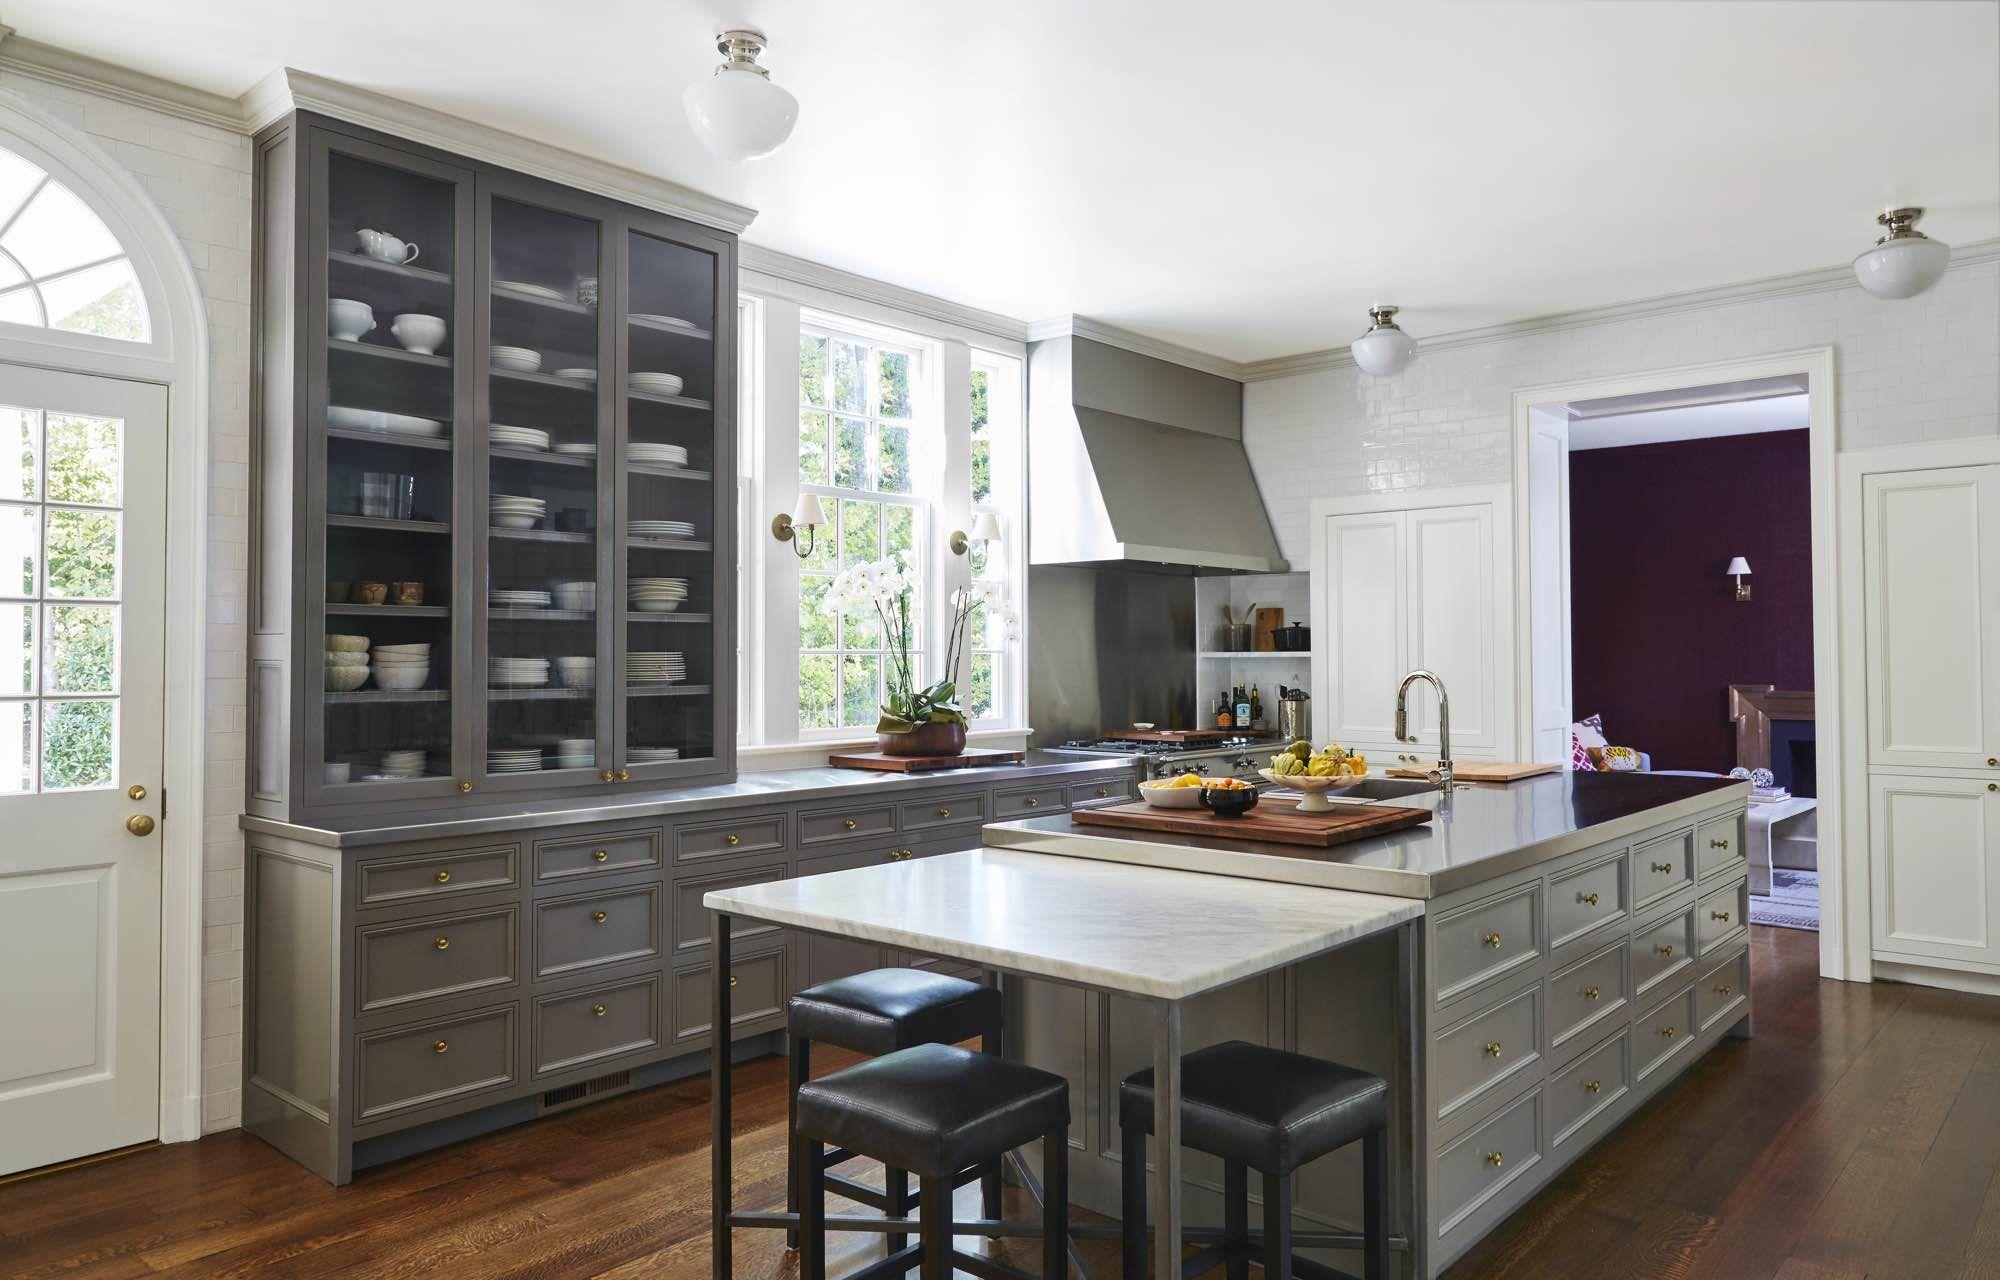 Nett Ferguson Küche Und Bad Annapolis Md Fotos - Ideen Für Die Küche ...